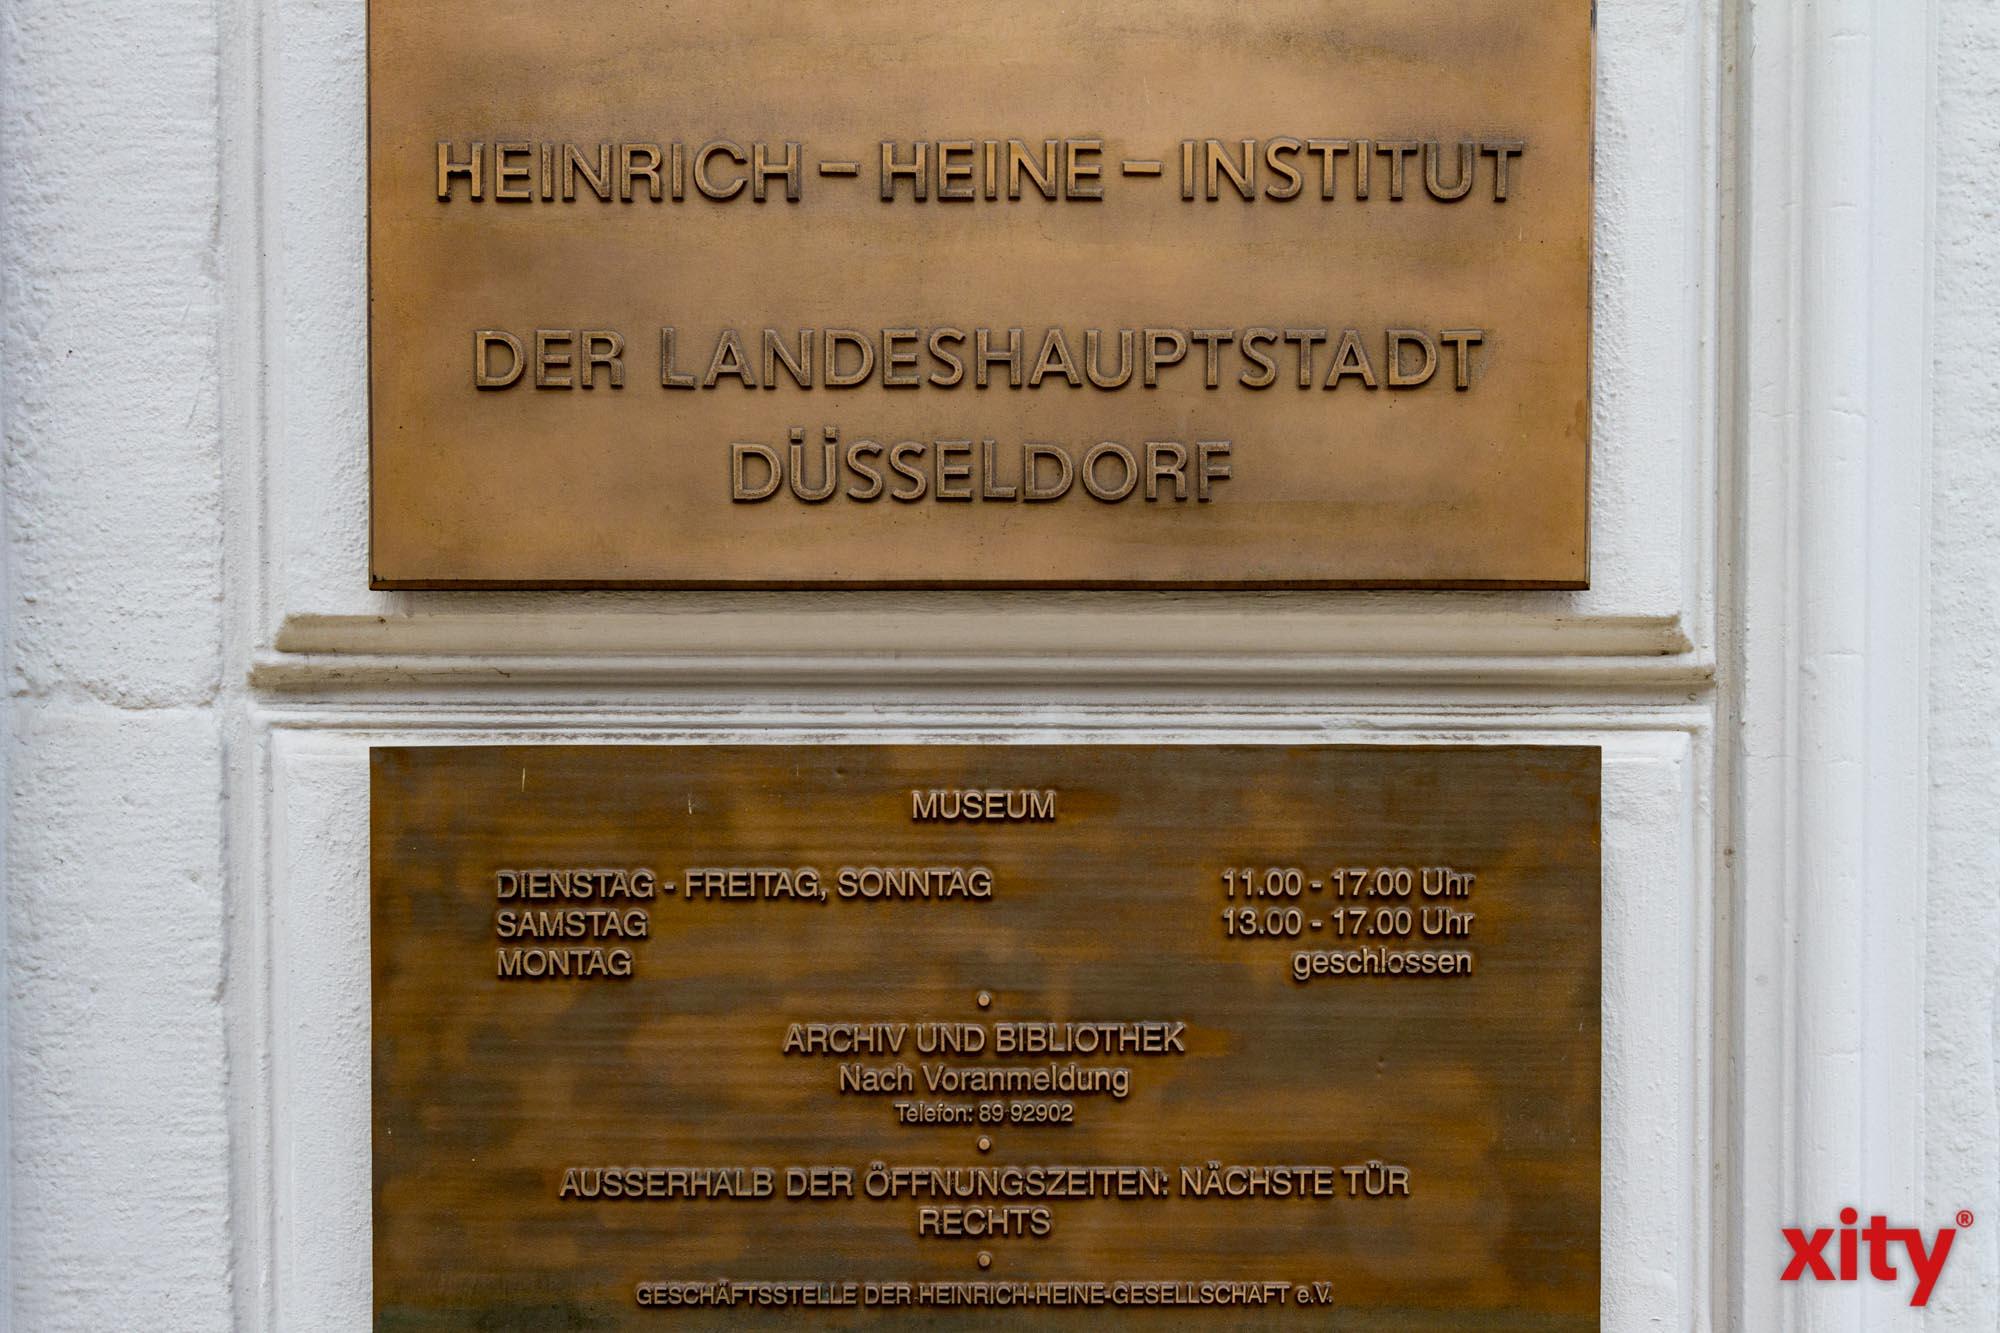 Wandelkonzert und deutsch-französische Lesung im Heine-Institut (Foto: xity)